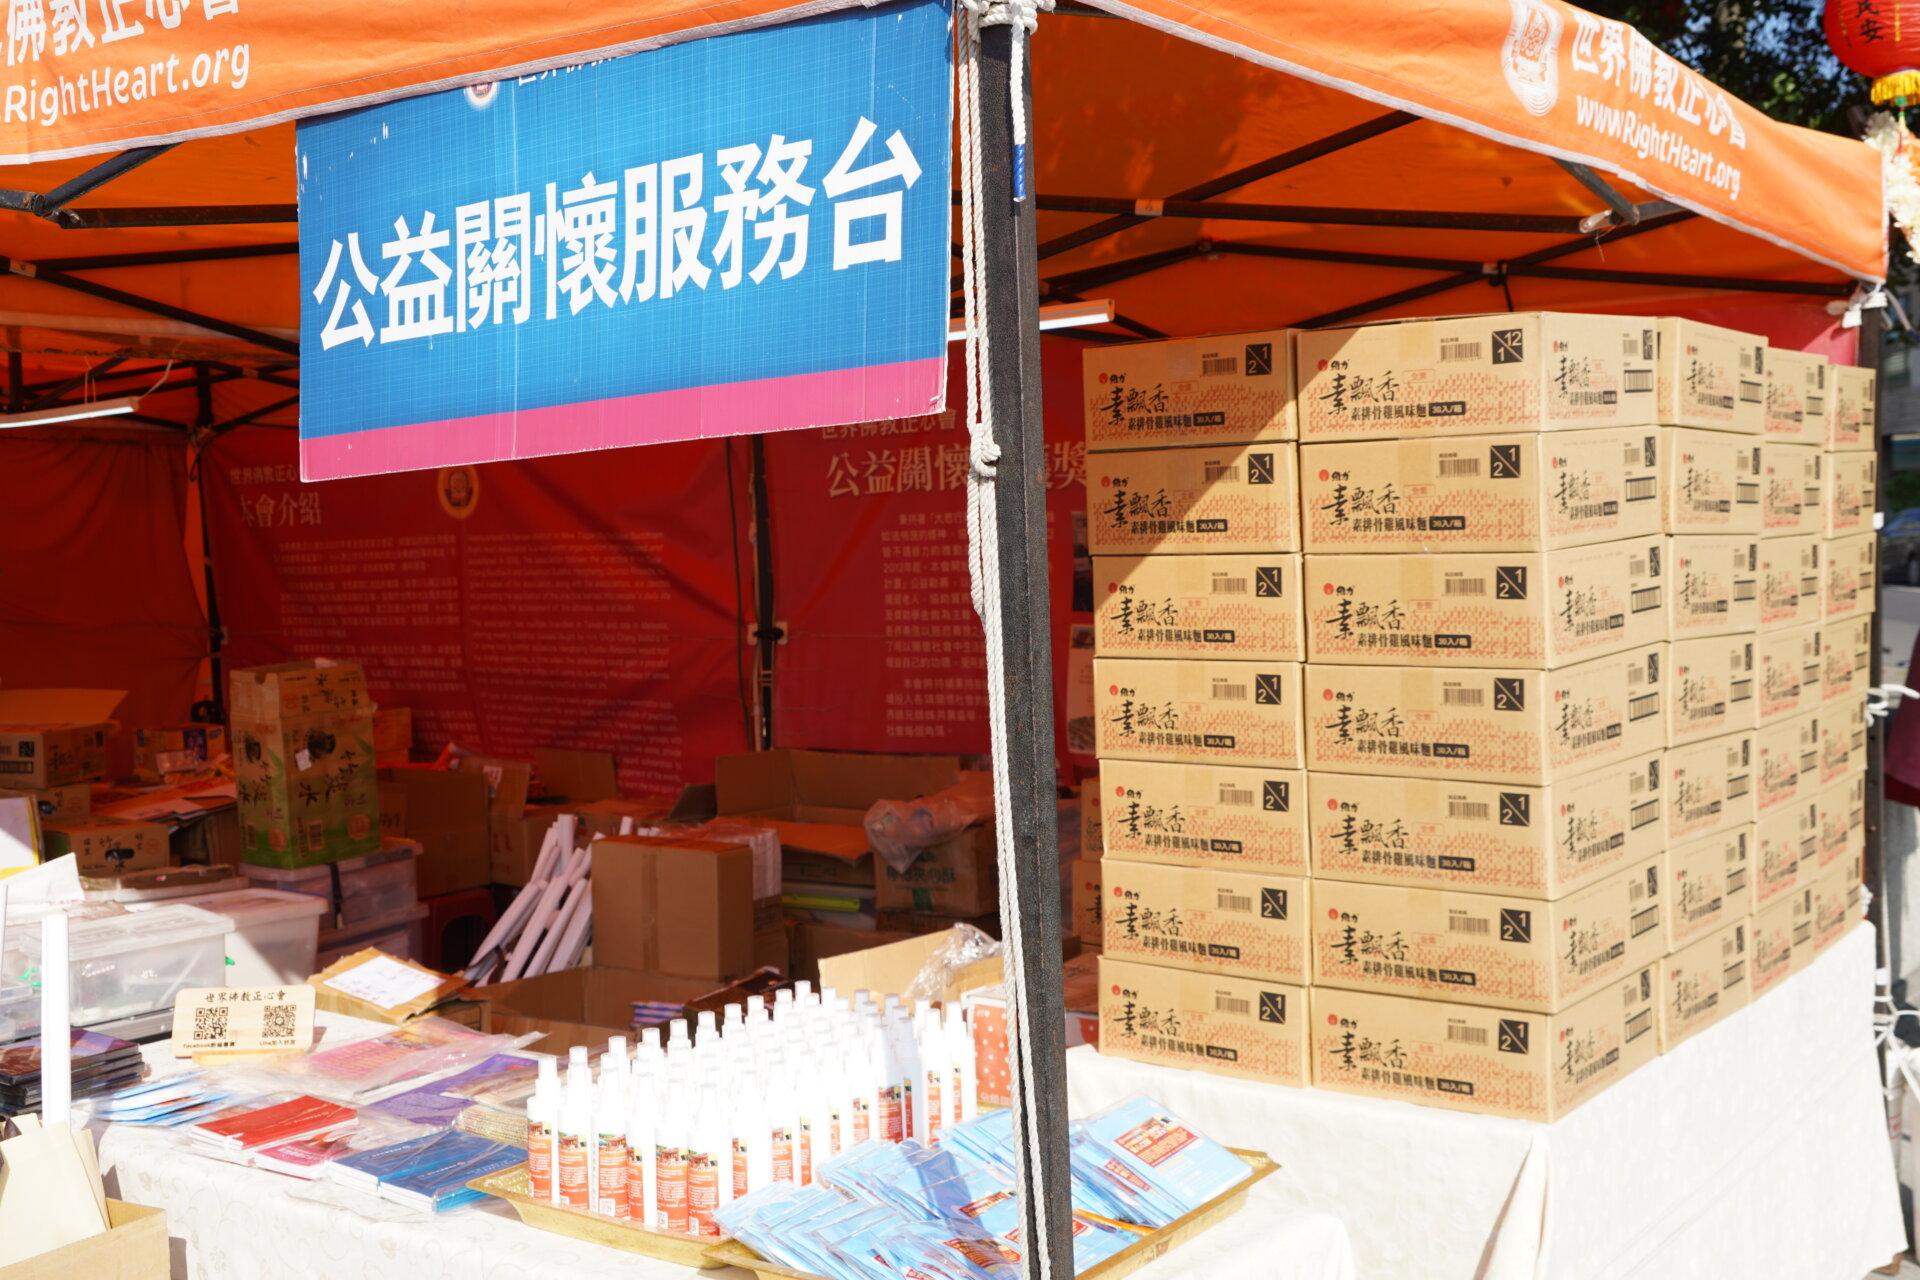 行動佛殿122站台南南區,本會募集十方愛心,將平安麵、口罩、酒精等物資免費提供給弱勢家庭